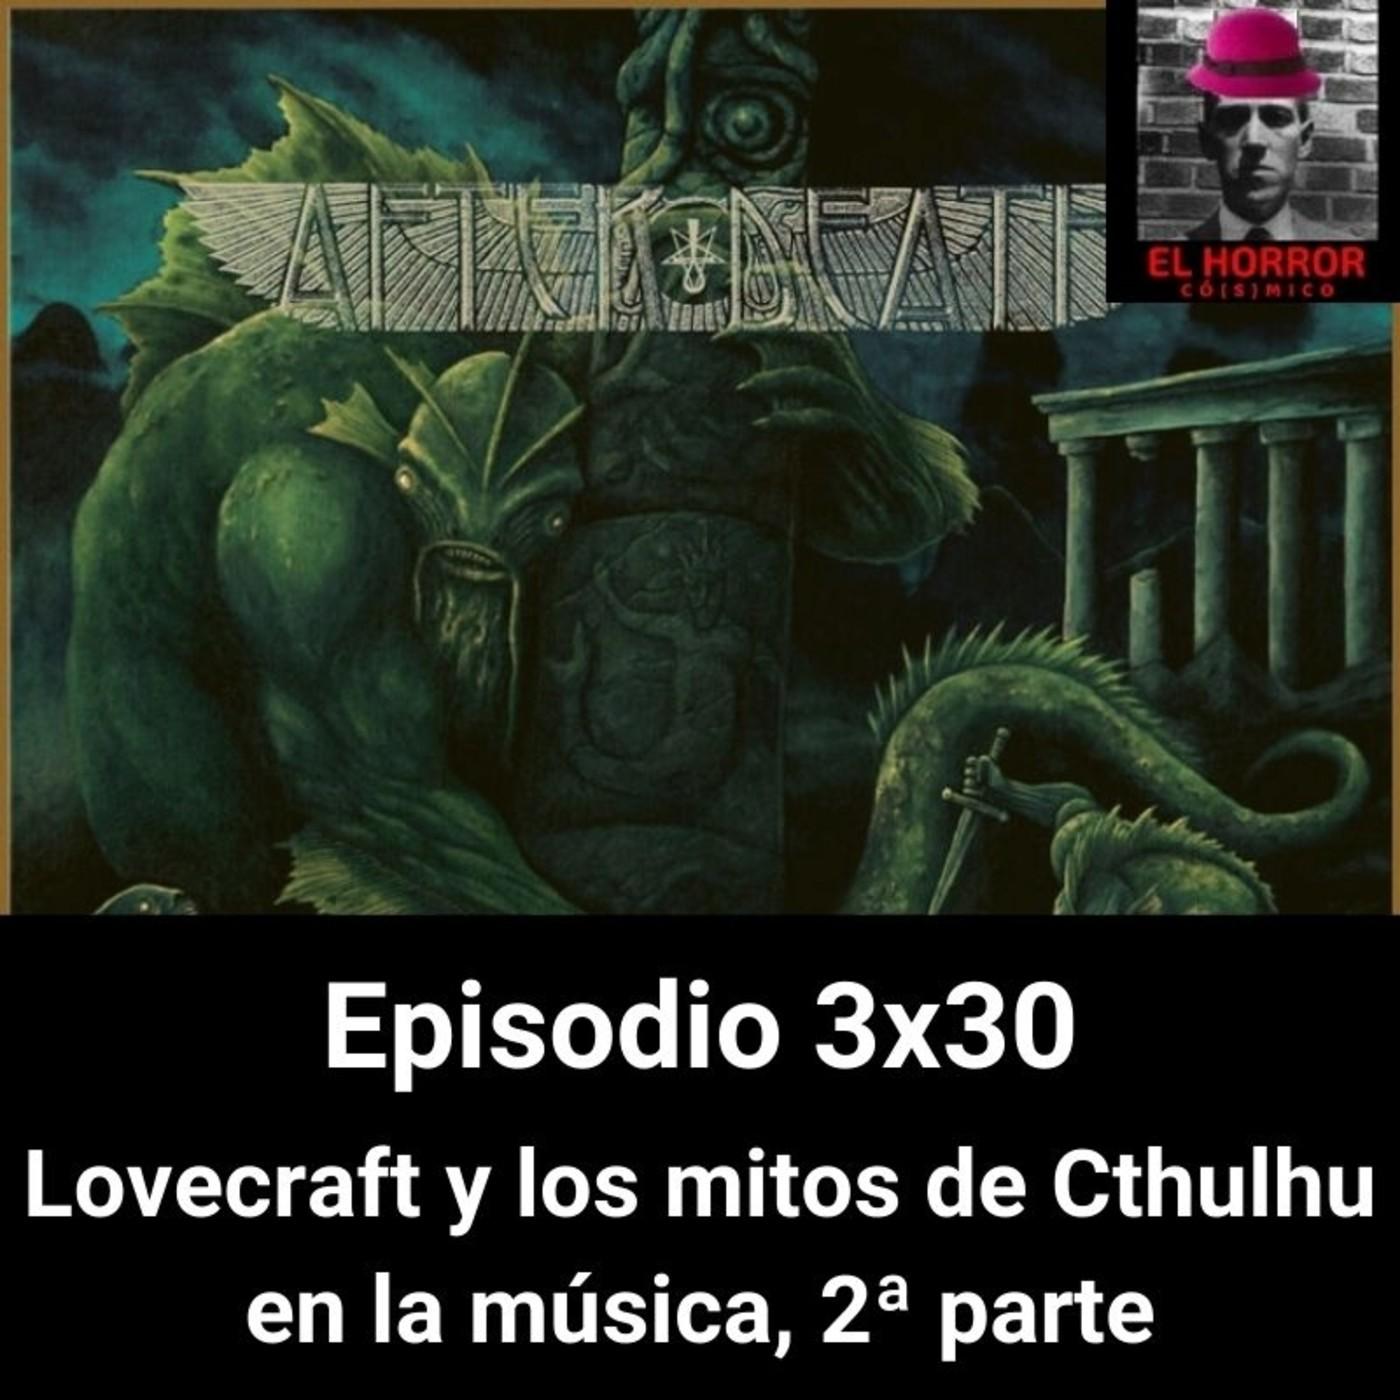 EHC 3X30 Lovecraft y los mitos de Cthulhu en la música. 2ª parte en El horror cósmico: humor, terror y en a -…